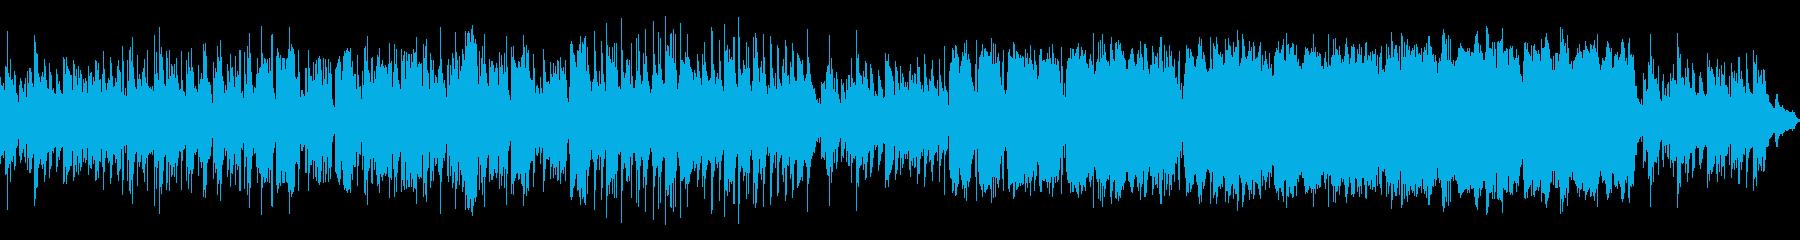 しっとりとして切ない大人のジャズピアノ曲の再生済みの波形